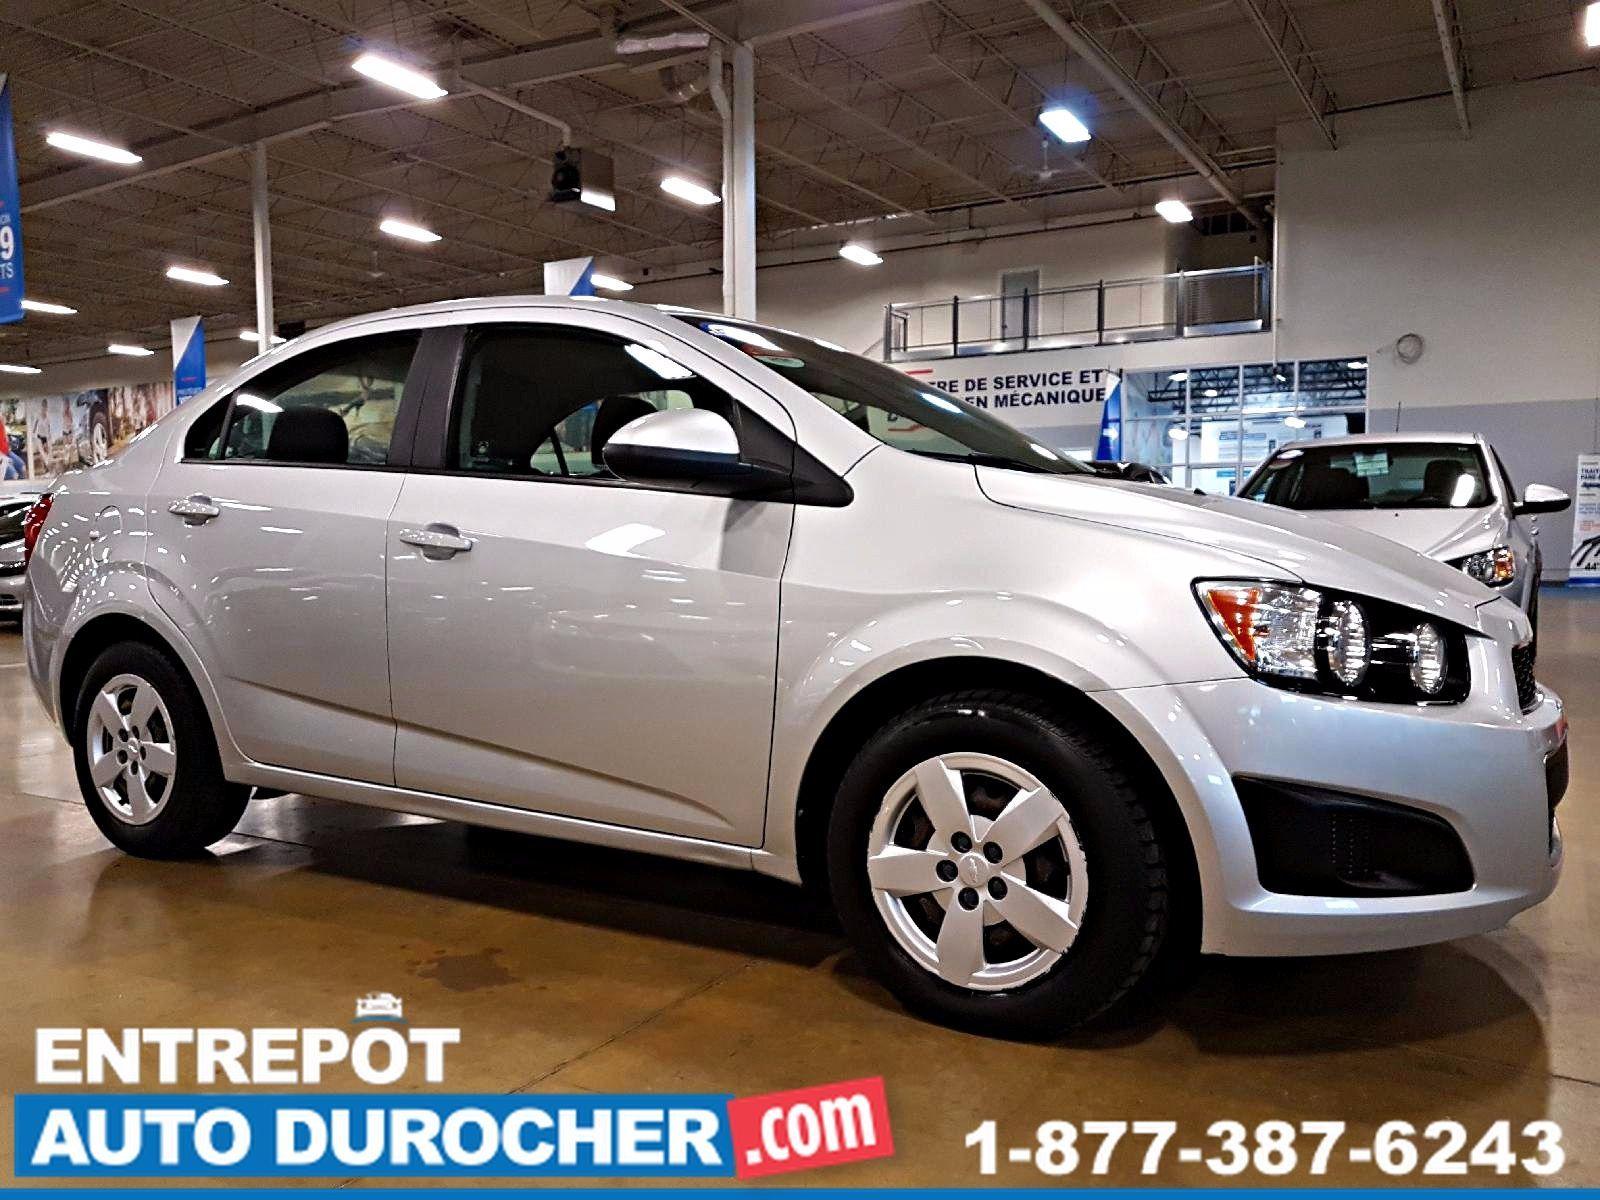 Chevrolet Sonic LS - AUTOMATIQUE - AIR CLIMATISÉ 2013